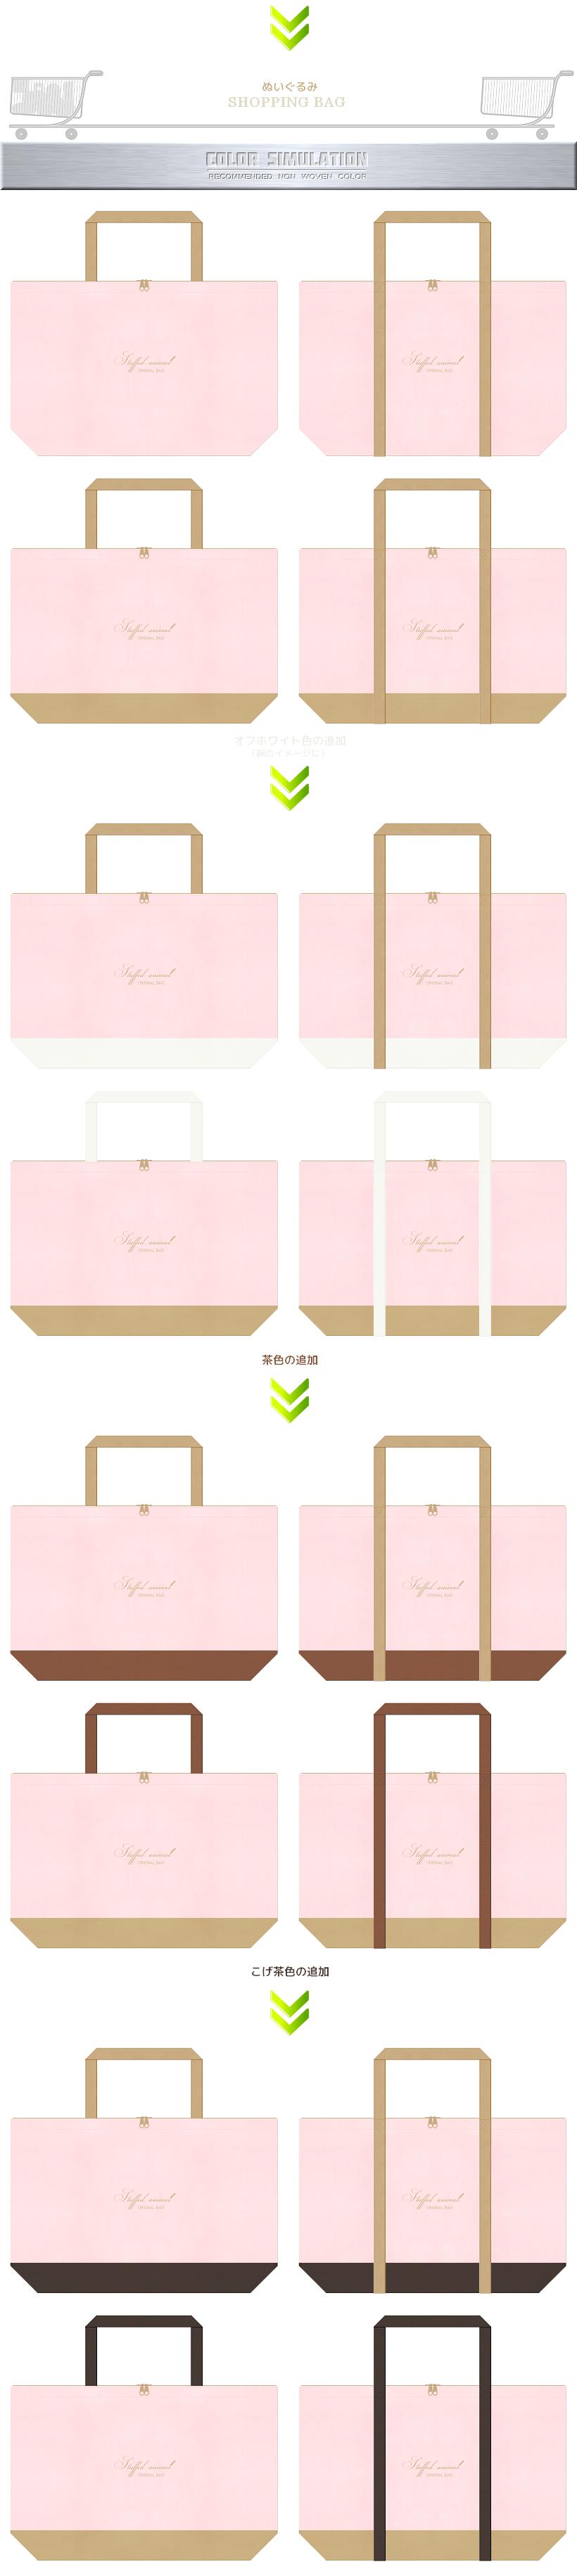 桜色とカーキ色をメインに使用した不織布バッグのカラーシミュレーション(子犬・ポニー・ベアー):ぬいぐるみのショッピングバッグ